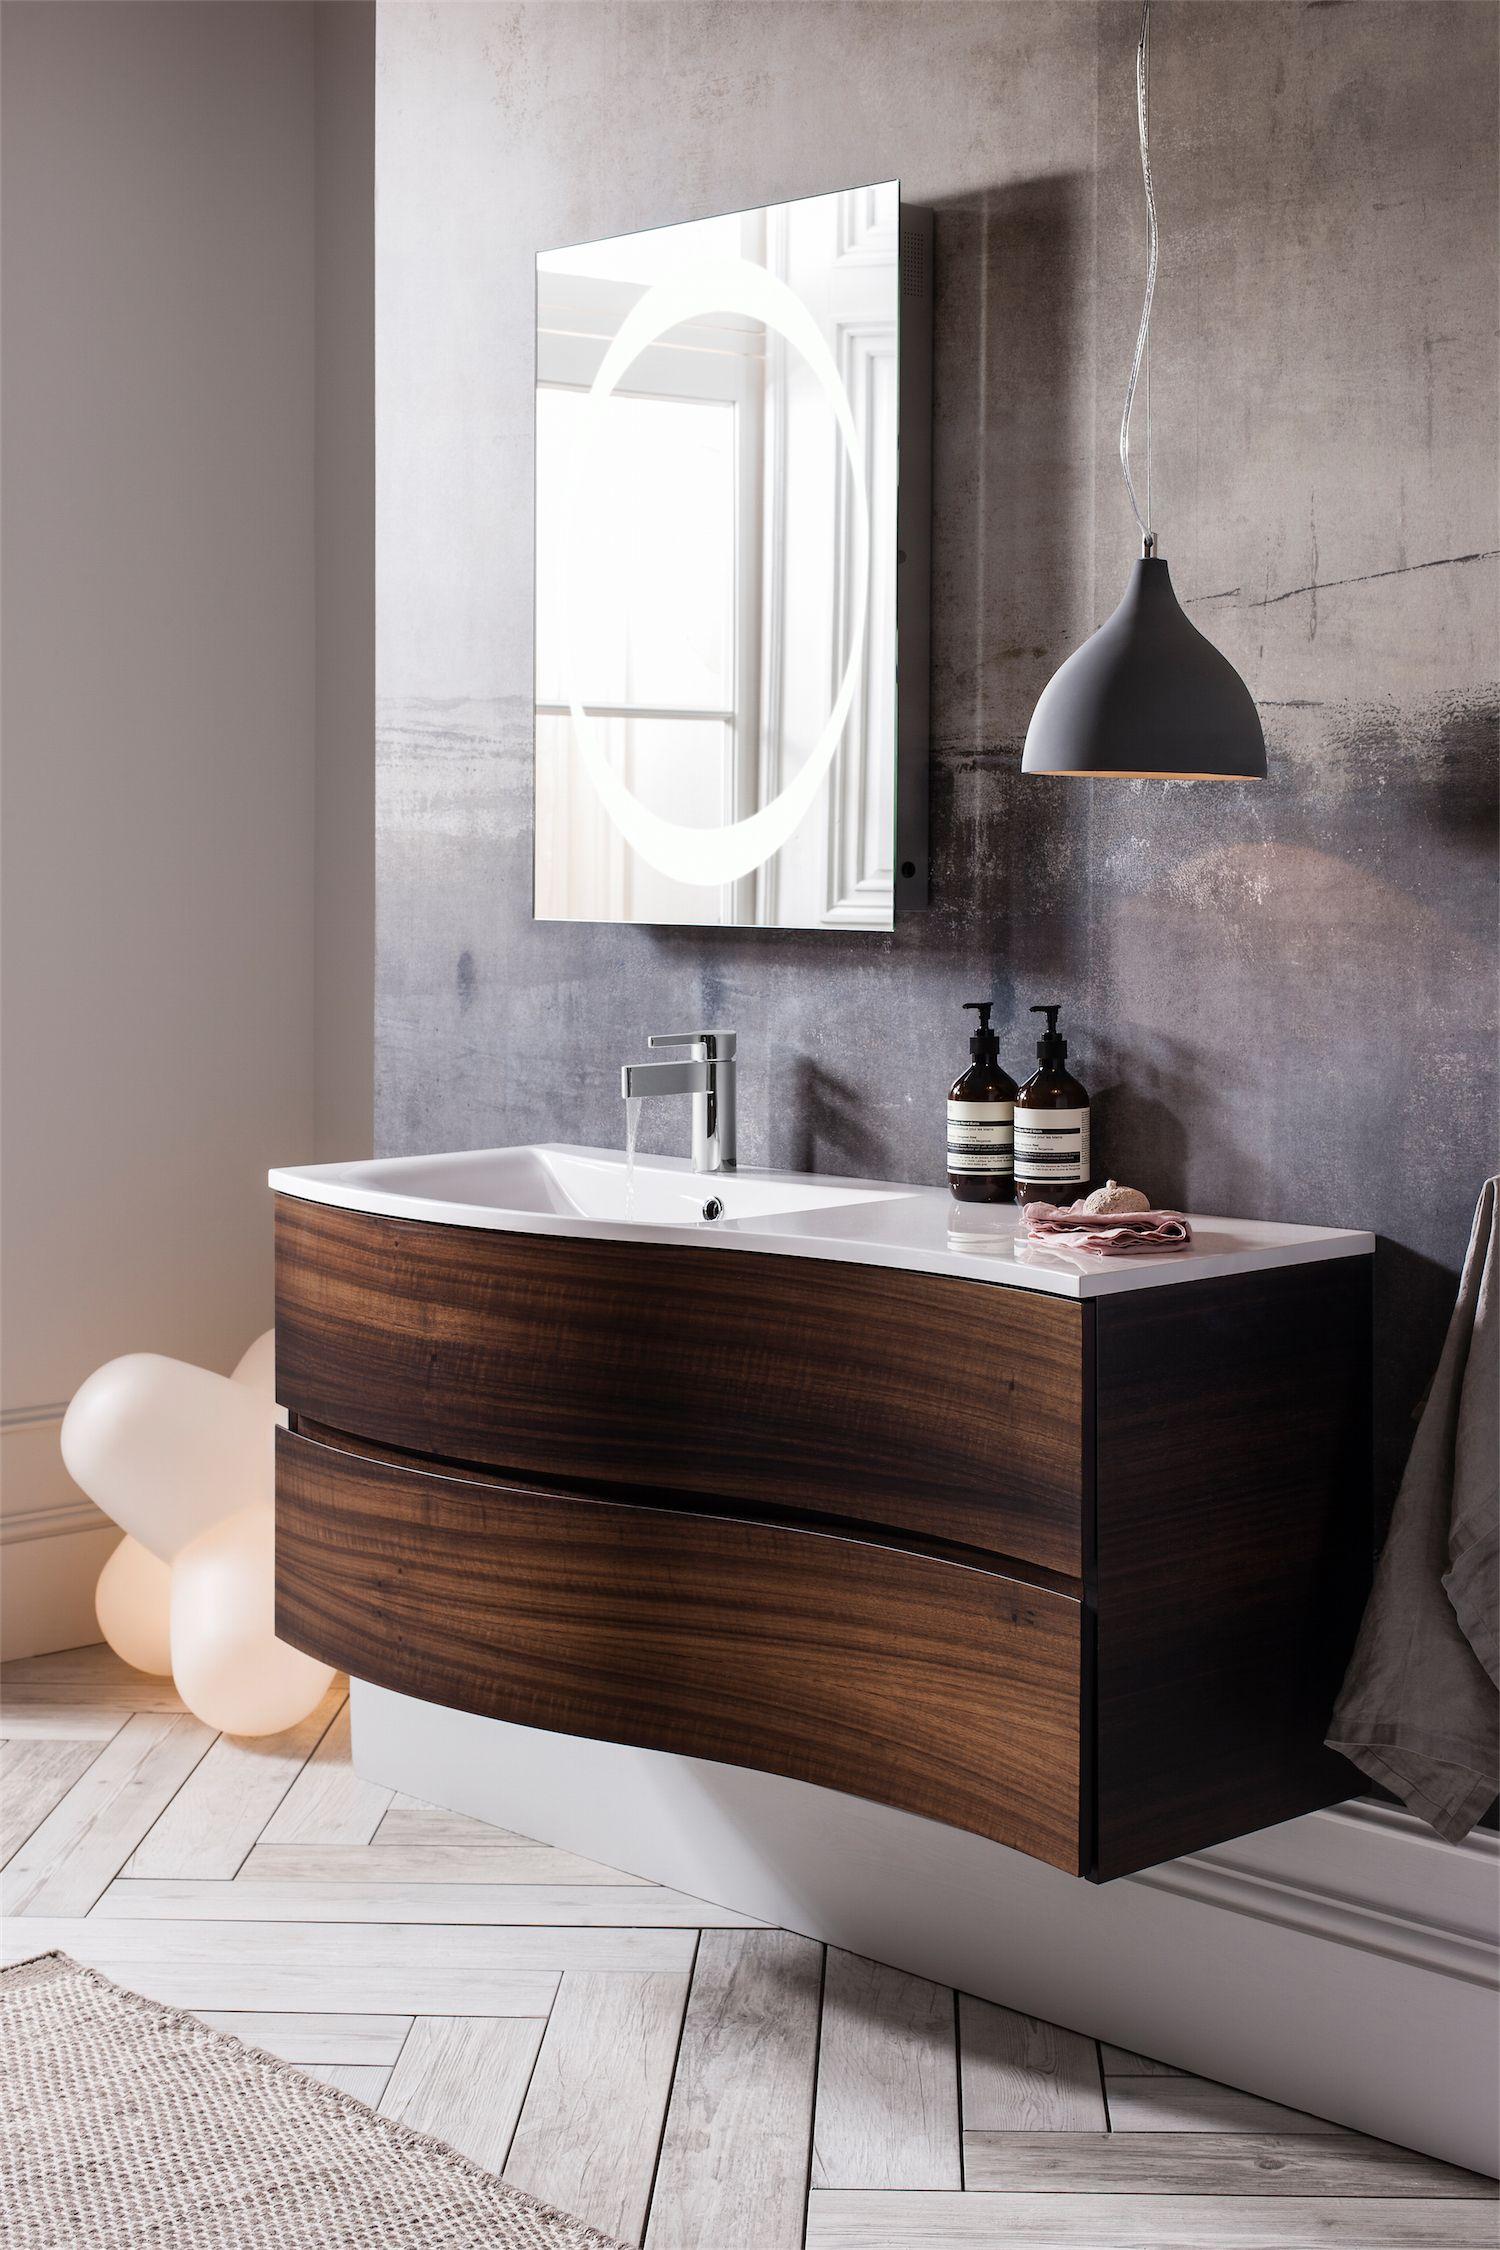 26+ Beautiful bathroom vanity units best